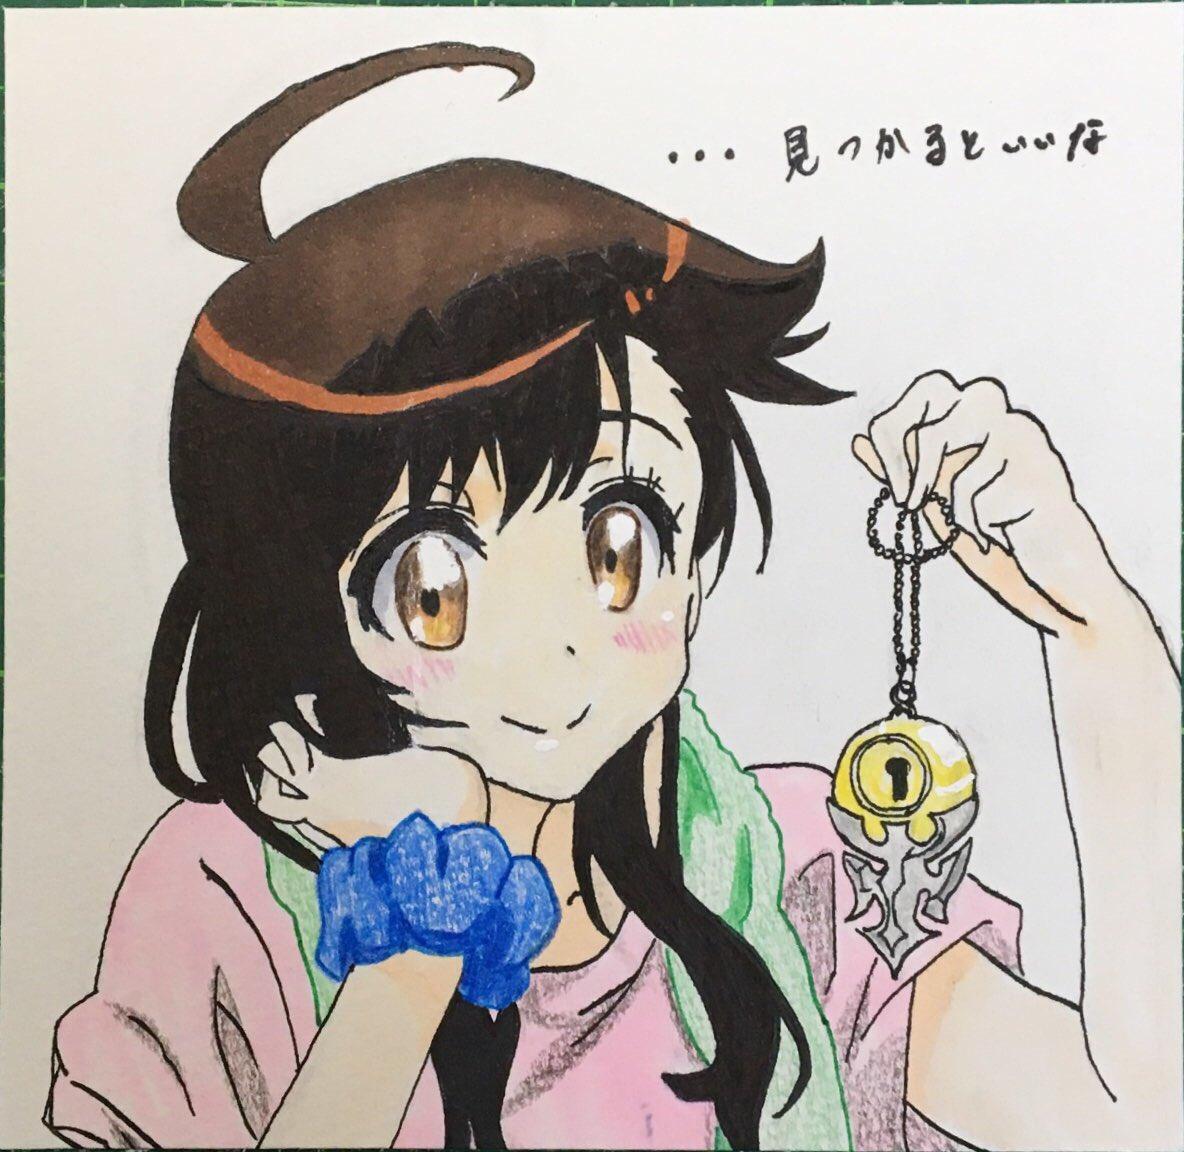 ニセコイ   小野寺 春「…見つかるといいな」#アナログ絵描きさんと繋がりたい #絵描きさんと繋がりたい #ニセコイ #